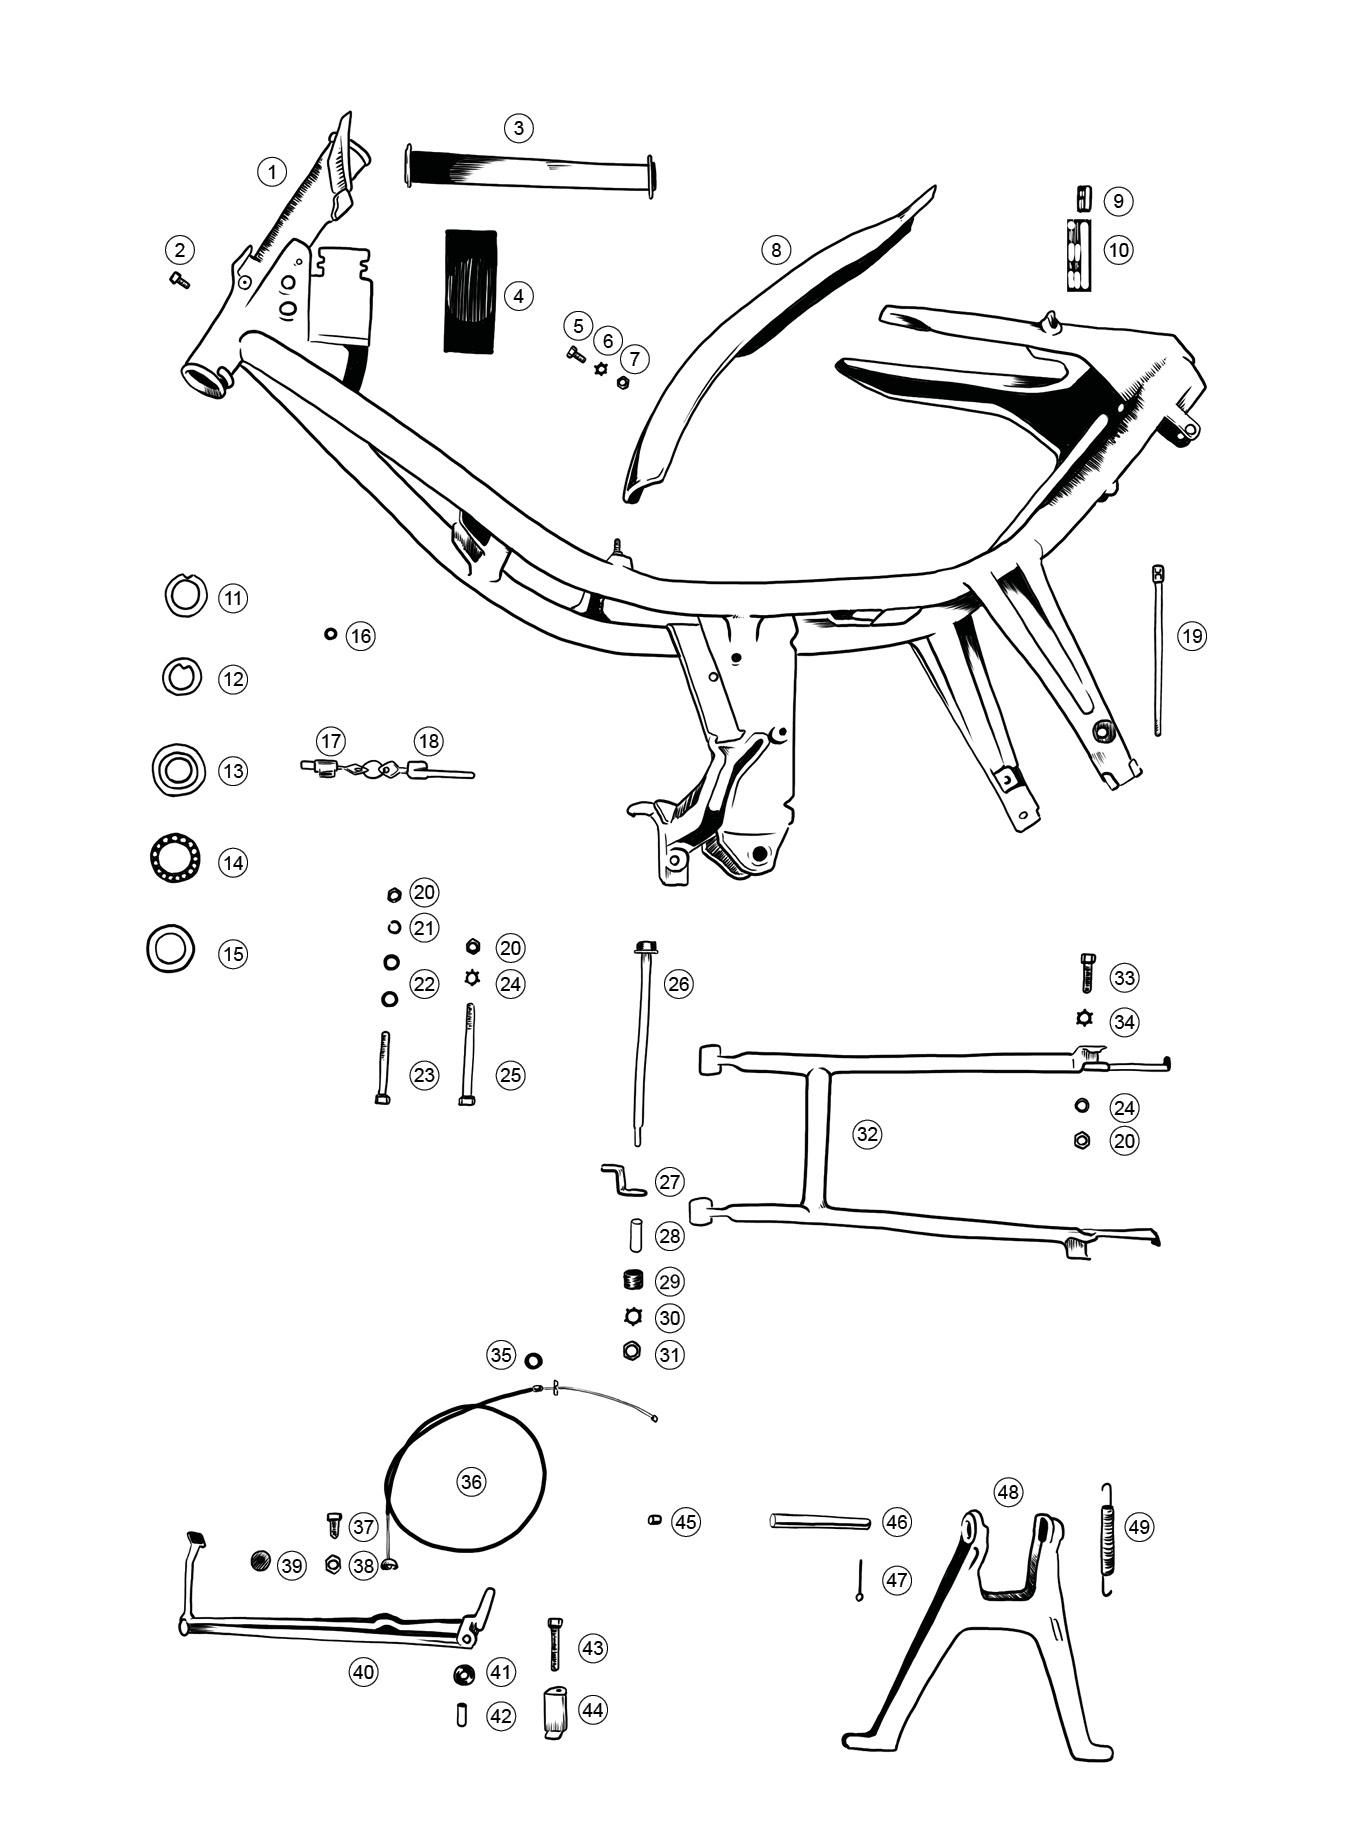 gute explosionszeichnungen kr51 1 simson forum. Black Bedroom Furniture Sets. Home Design Ideas